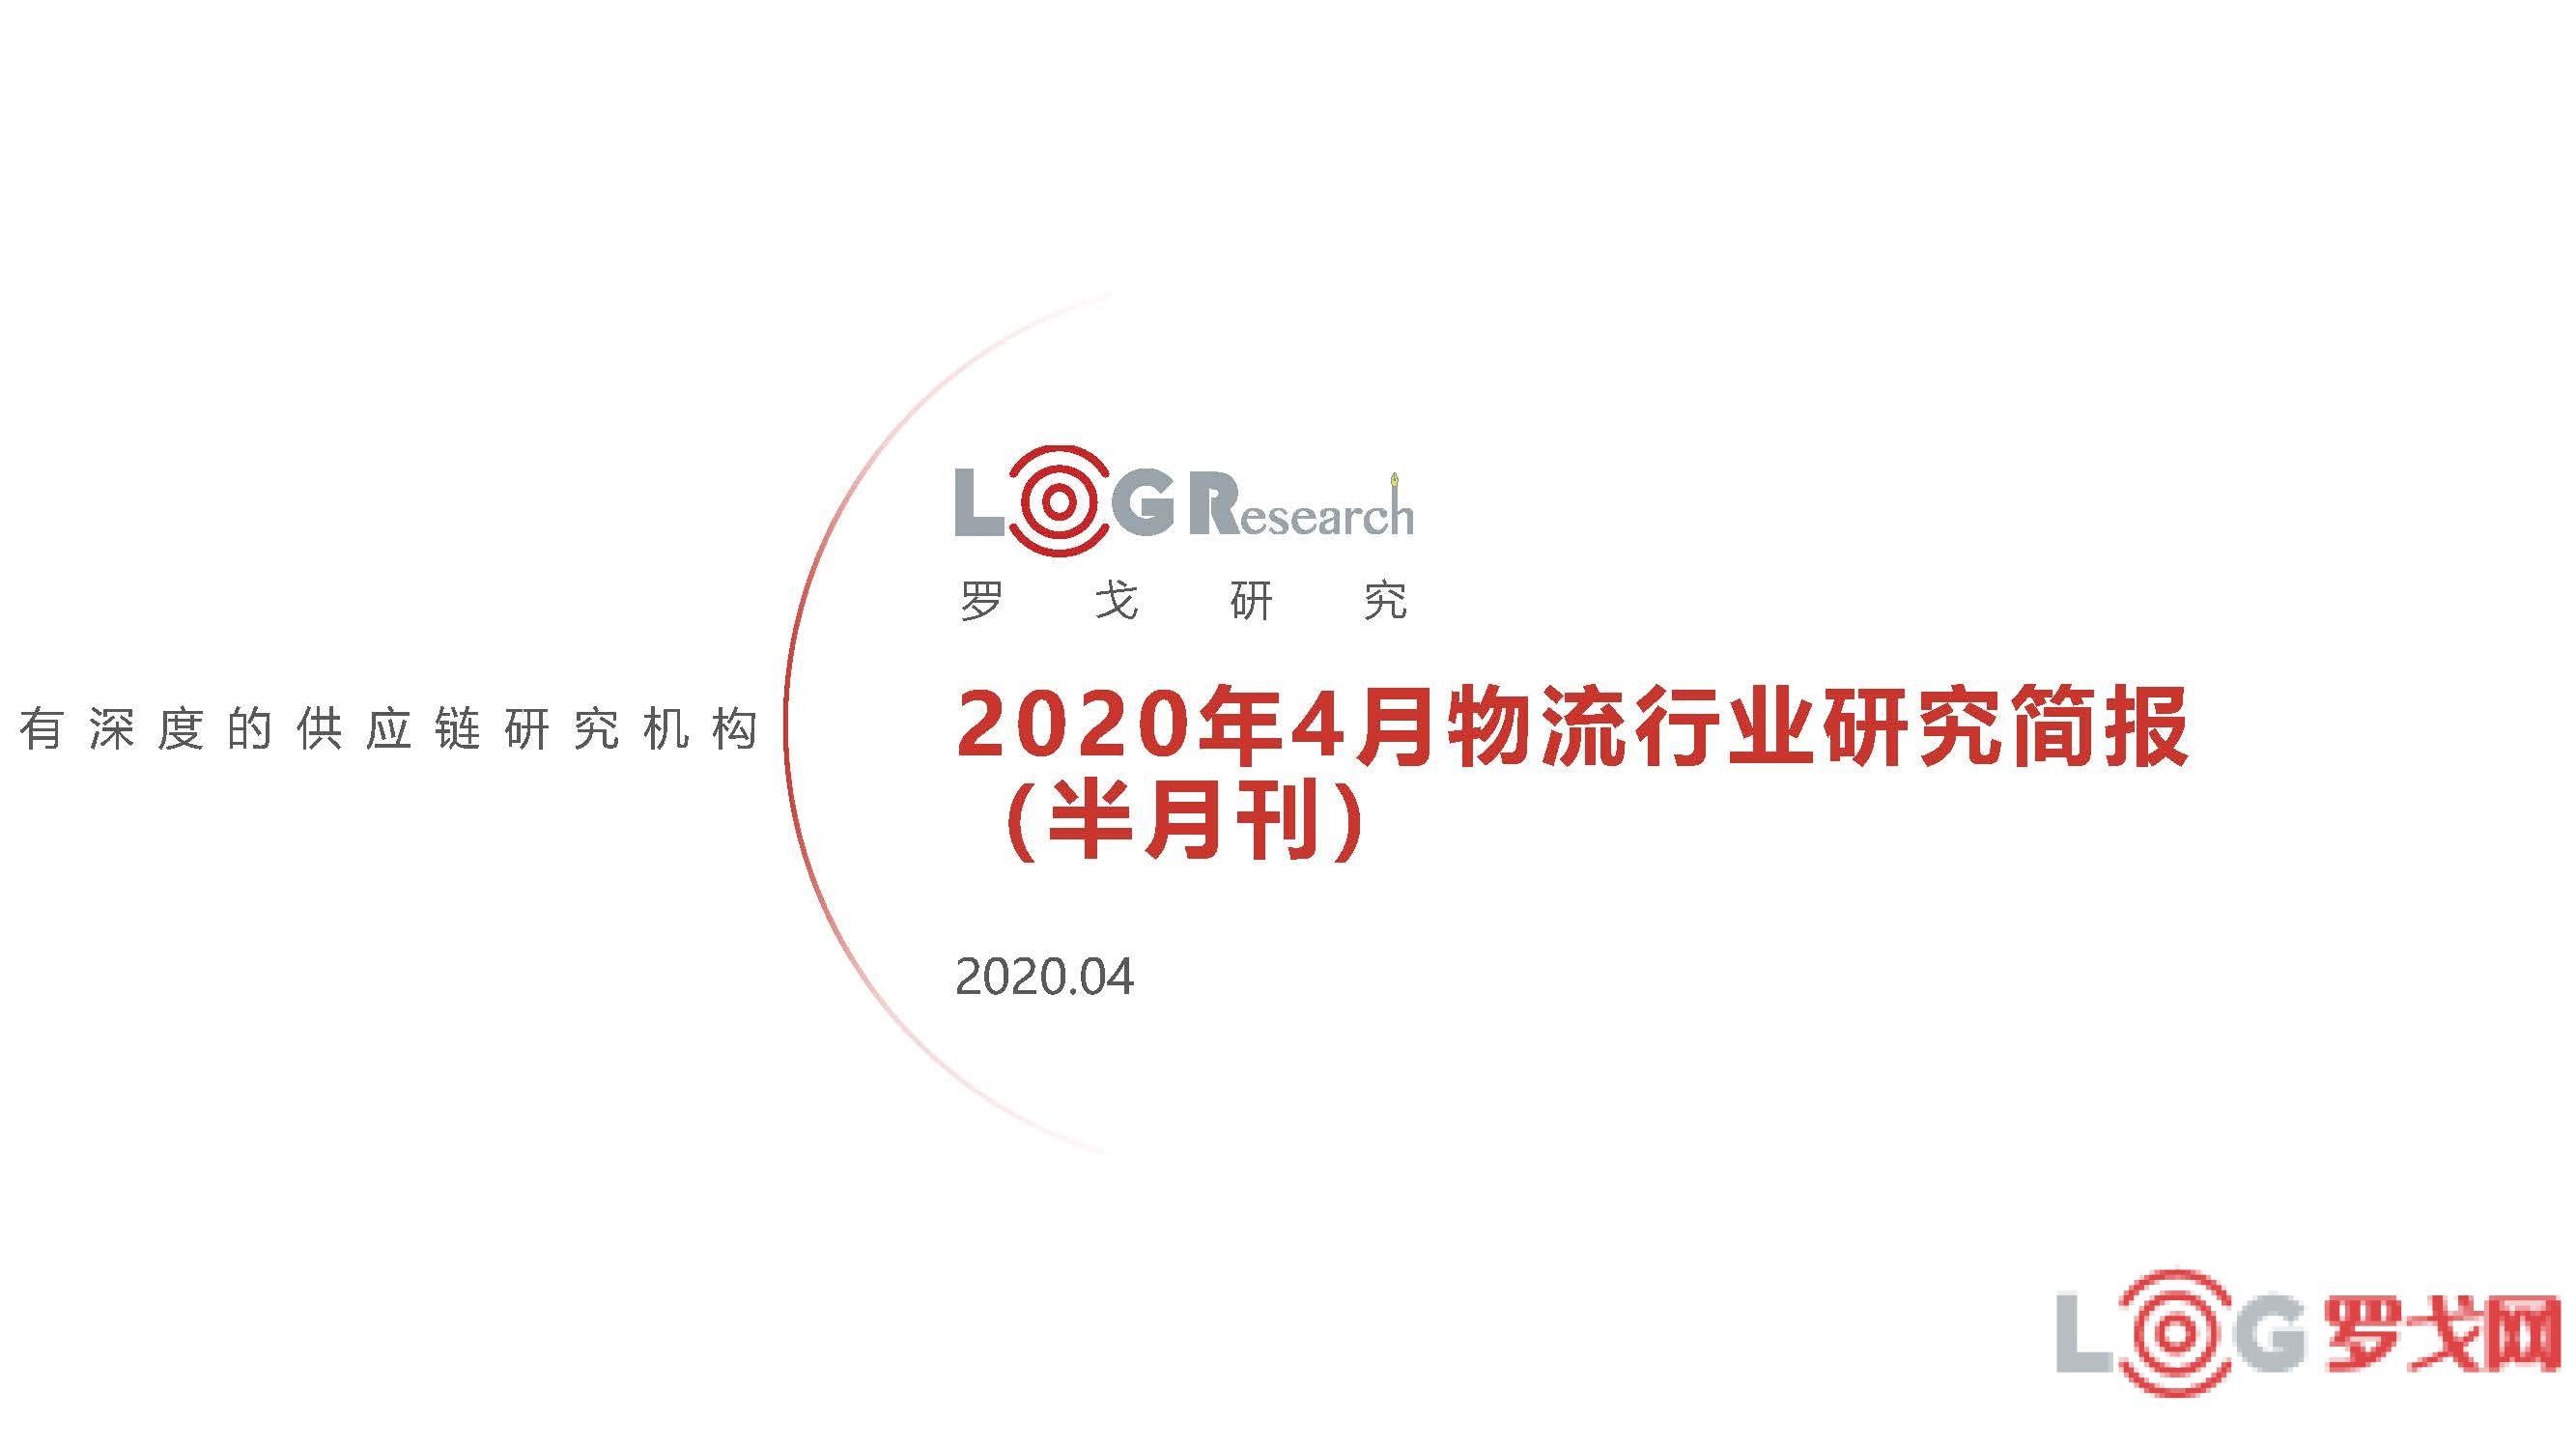 2020年4月物流行业研究简报(半月刊)